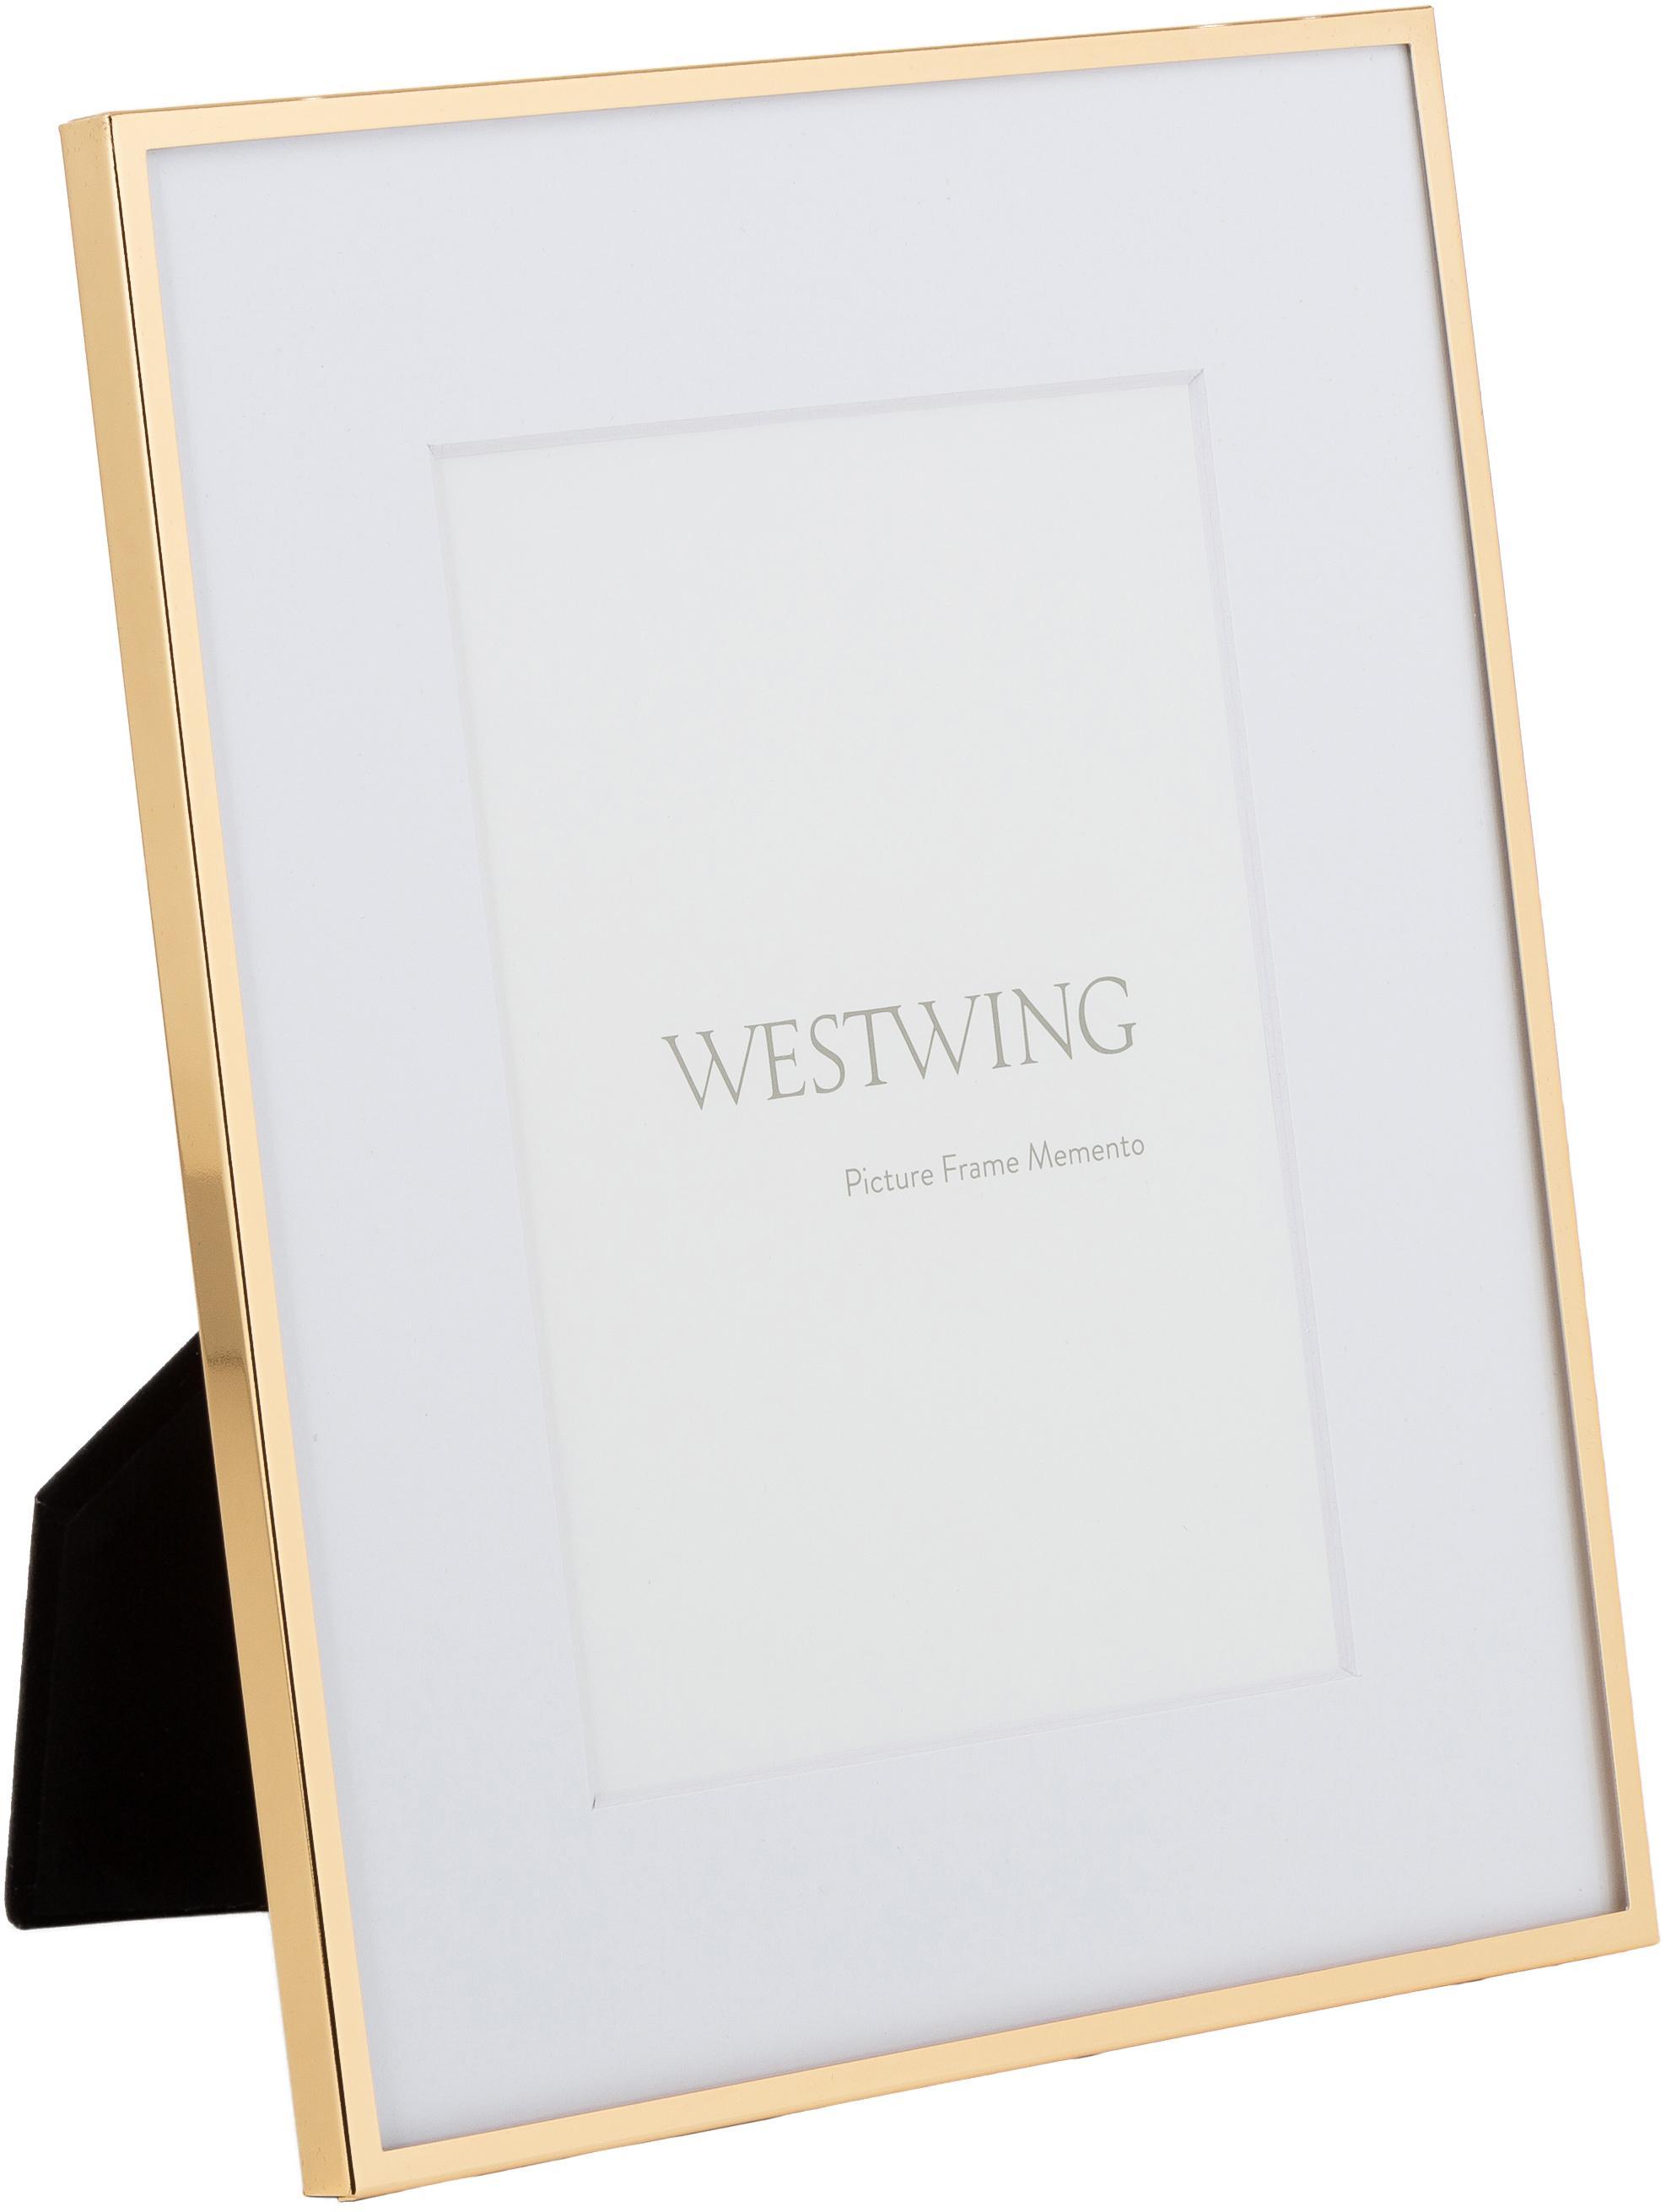 Cornice Memento, Cornice: ferro, lucido verniciato, Retro: pannelli di fibra a media, Dorato, 10 x 15 cm